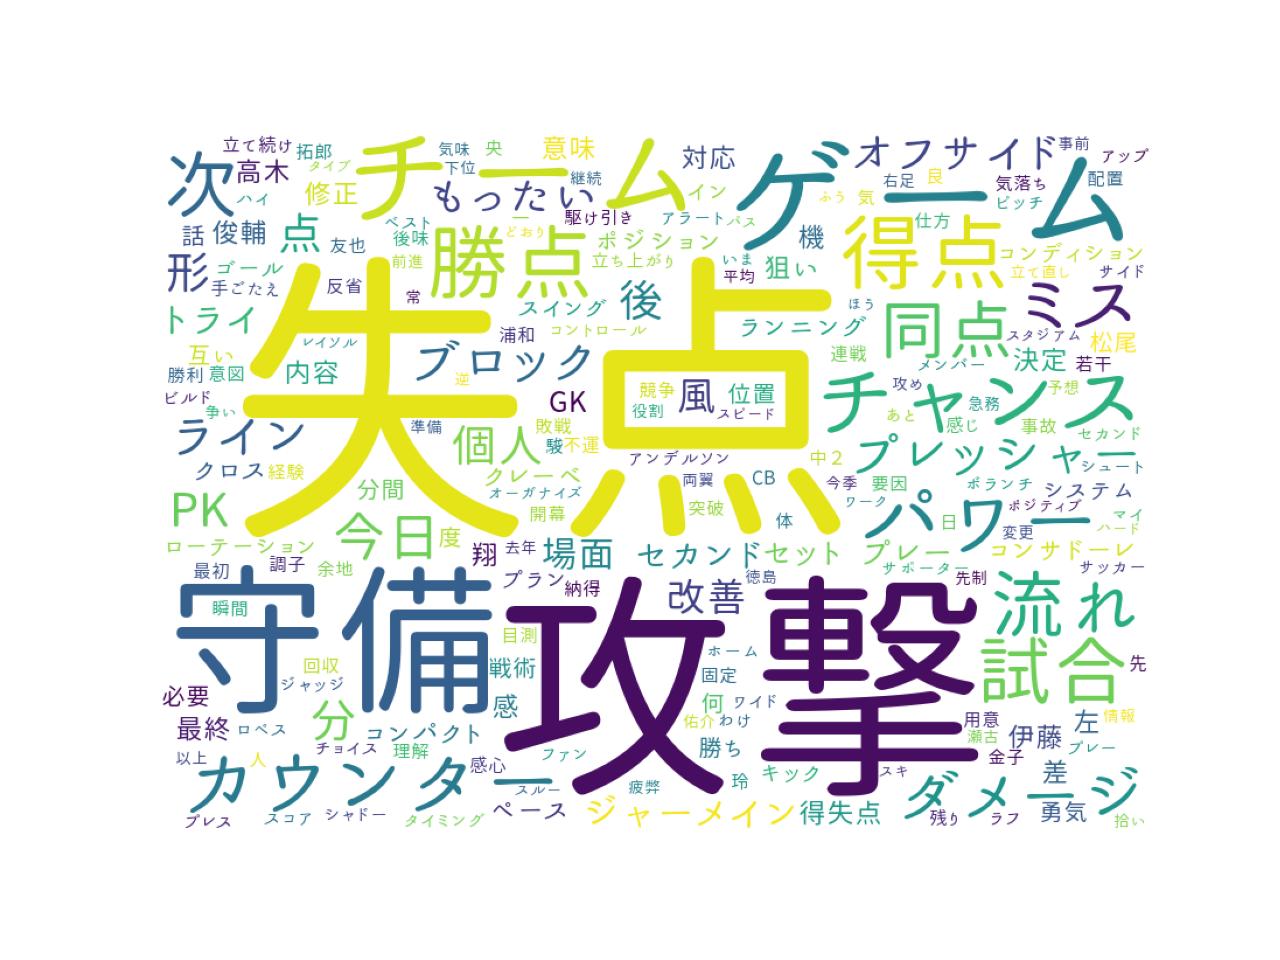 横浜FC 2021シーズンの下平監督・早川監督コメントをワードクラウドにしてみた